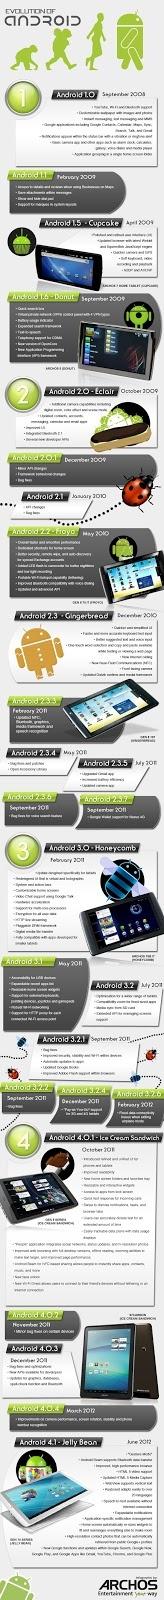 Historia e infografía de Android: la obsesión de Steve Jobs ~ TIC DESDE UNA VISIÓN PRÁCTICA